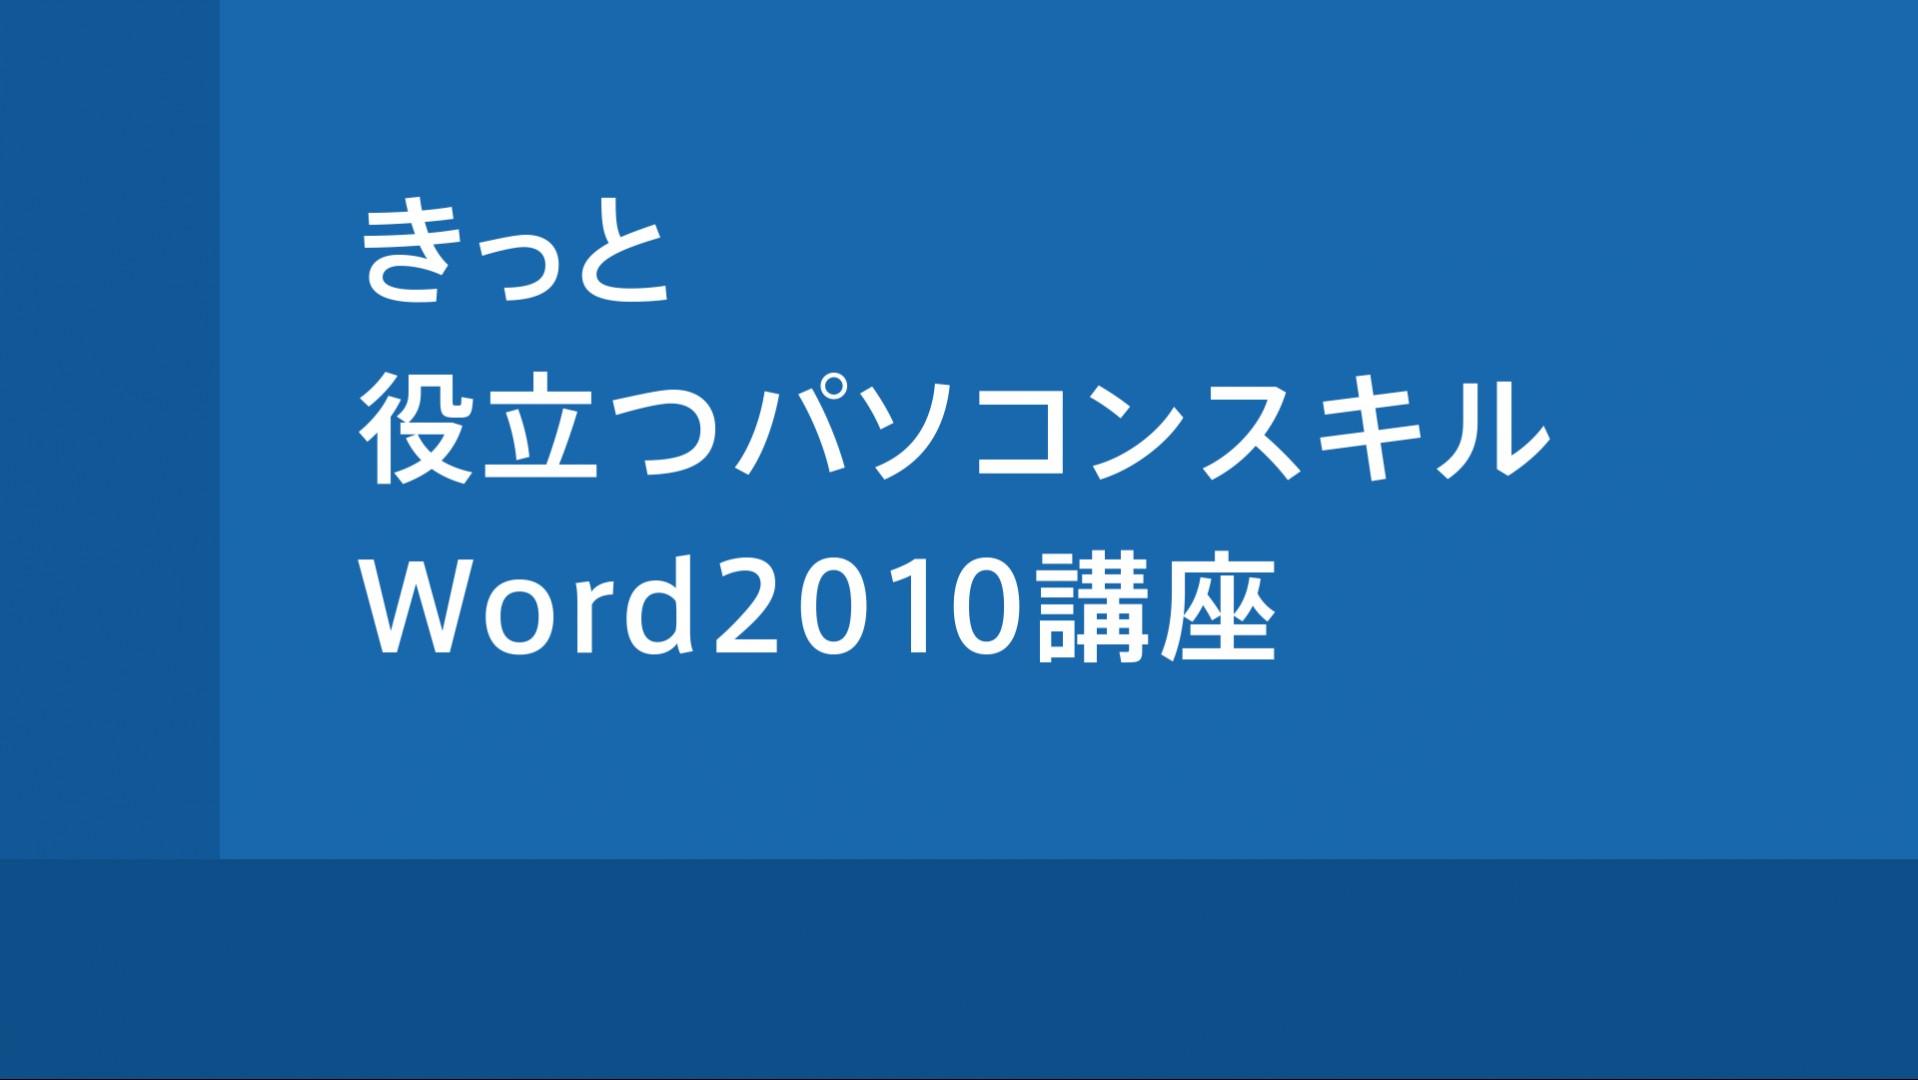 次のページを作る ページ区切り Word2010